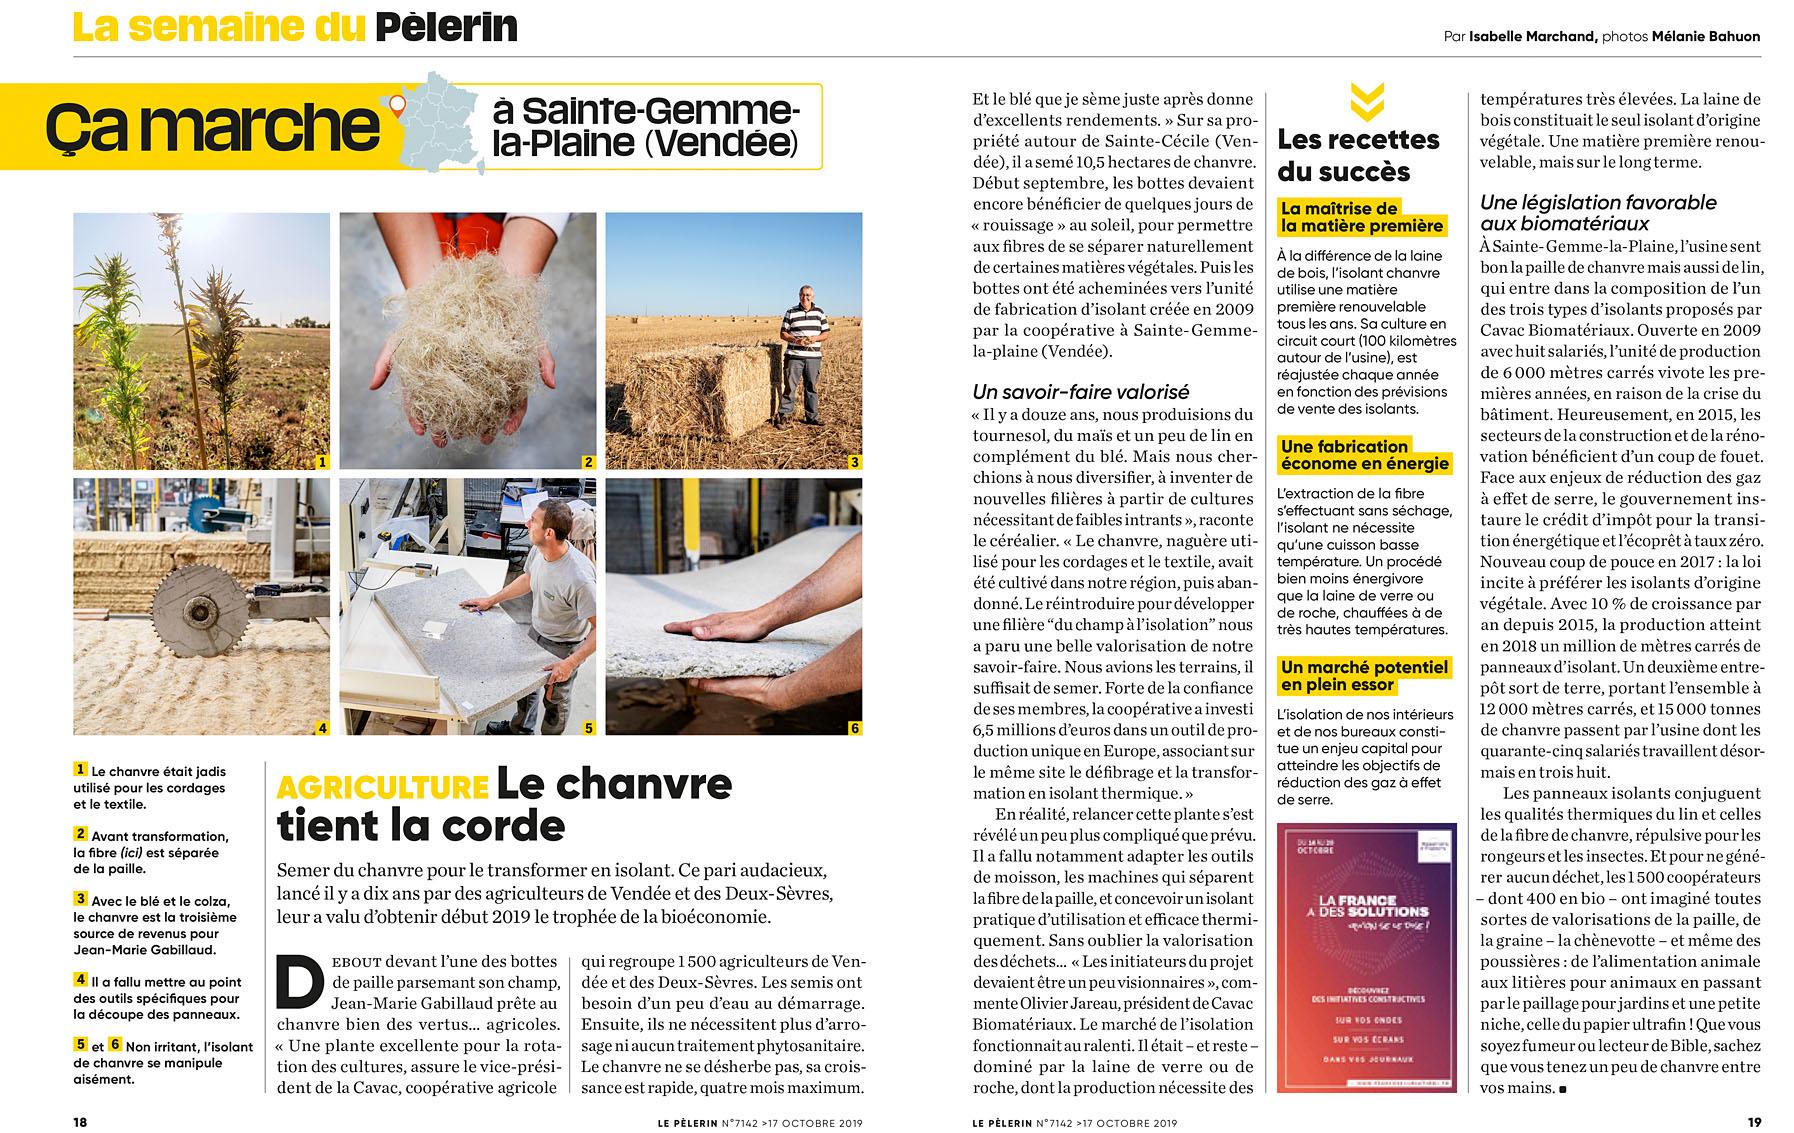 La culture du chanvre, Pèlerin du 17 octobre 2019